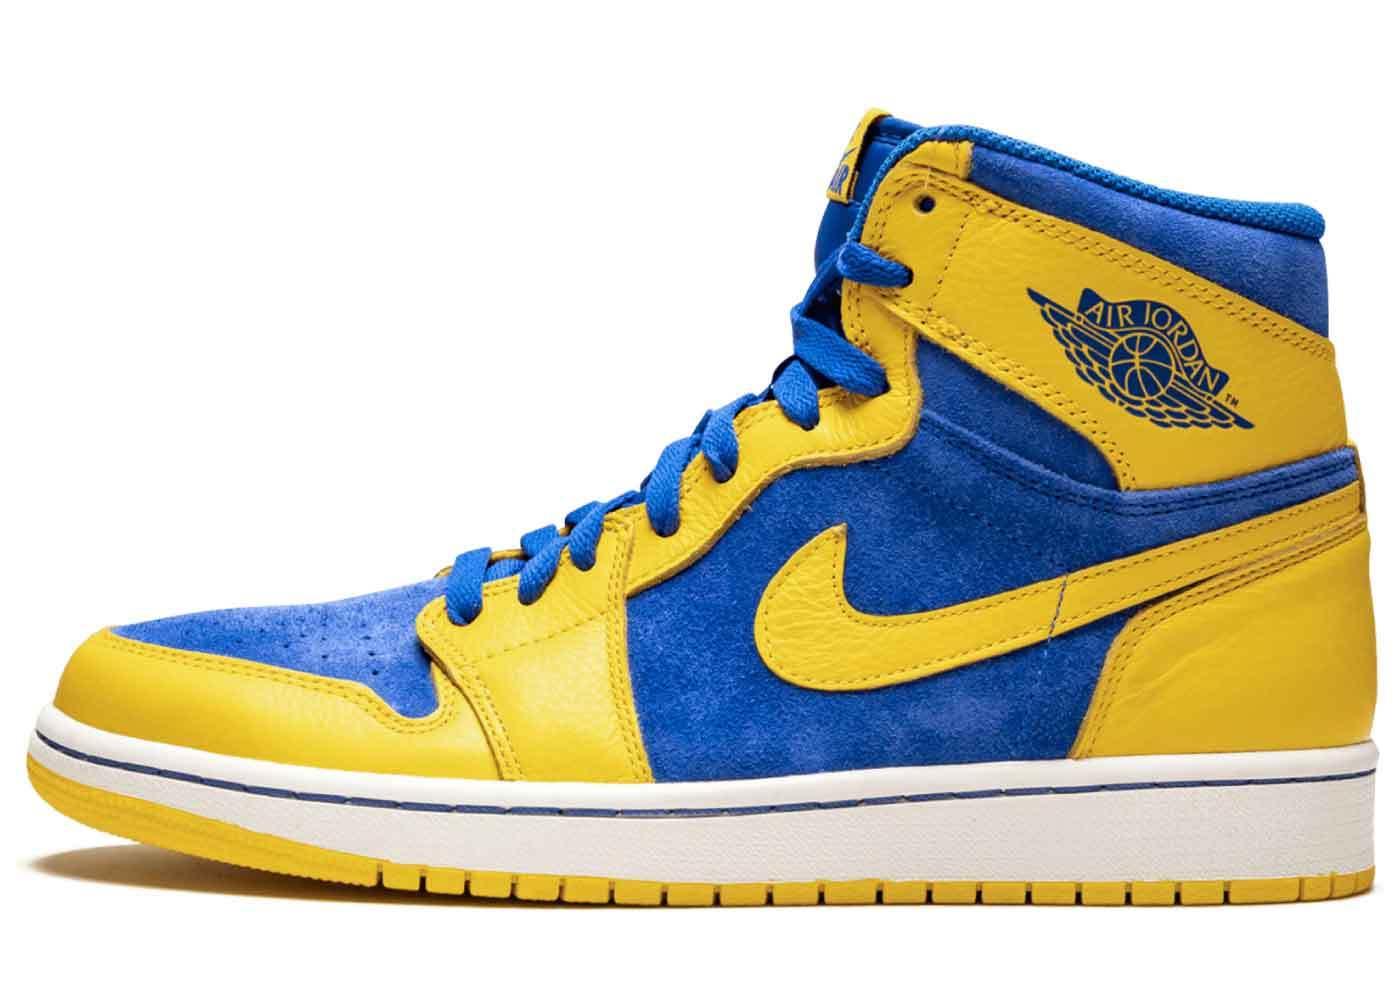 Nike Air Jordan 1 OG Laneyの写真